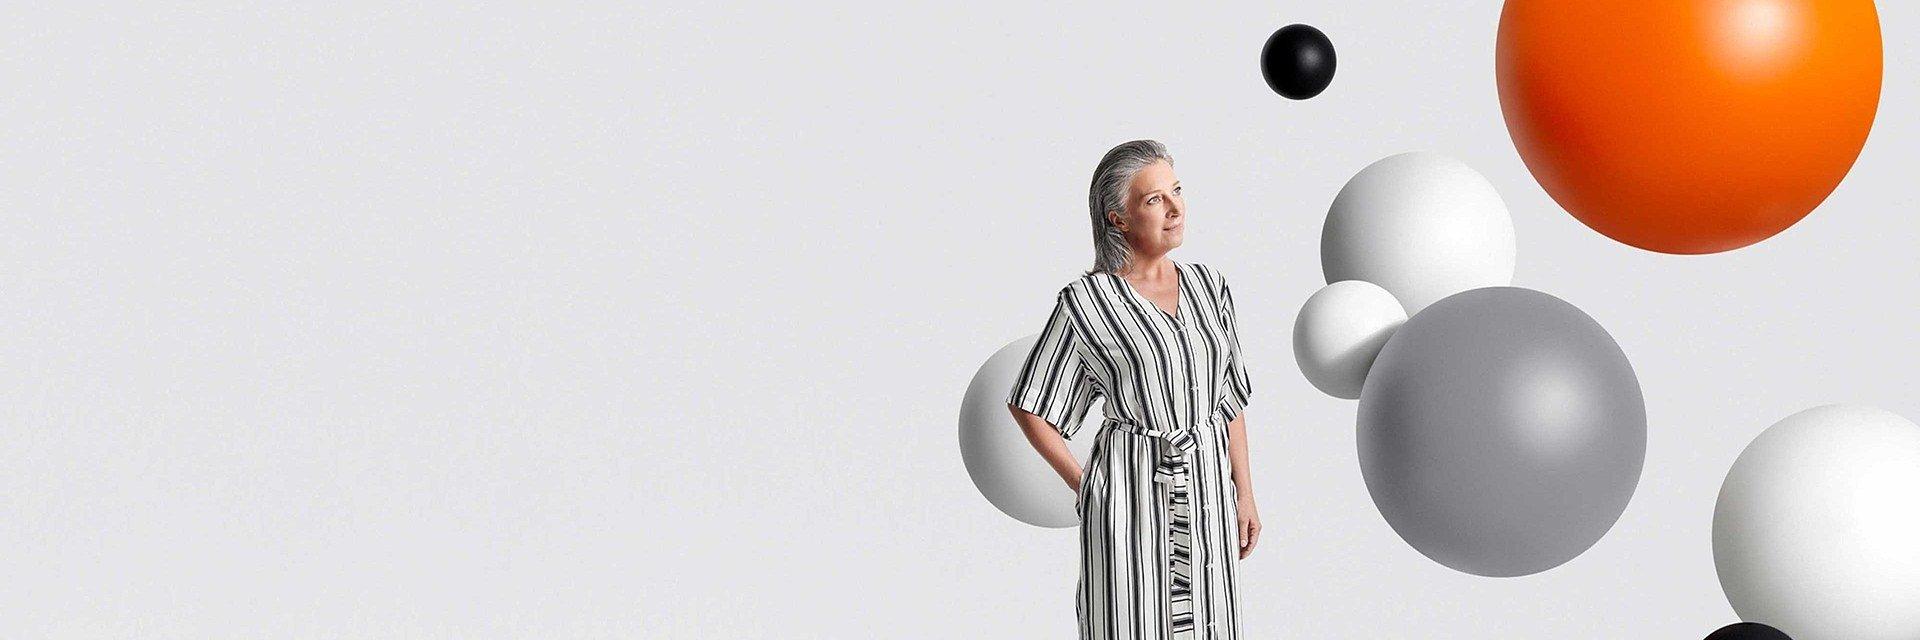 """Badanie """"Isobar Creative Experience Survey 2020"""" - priorytety i innowacje według marketerów"""